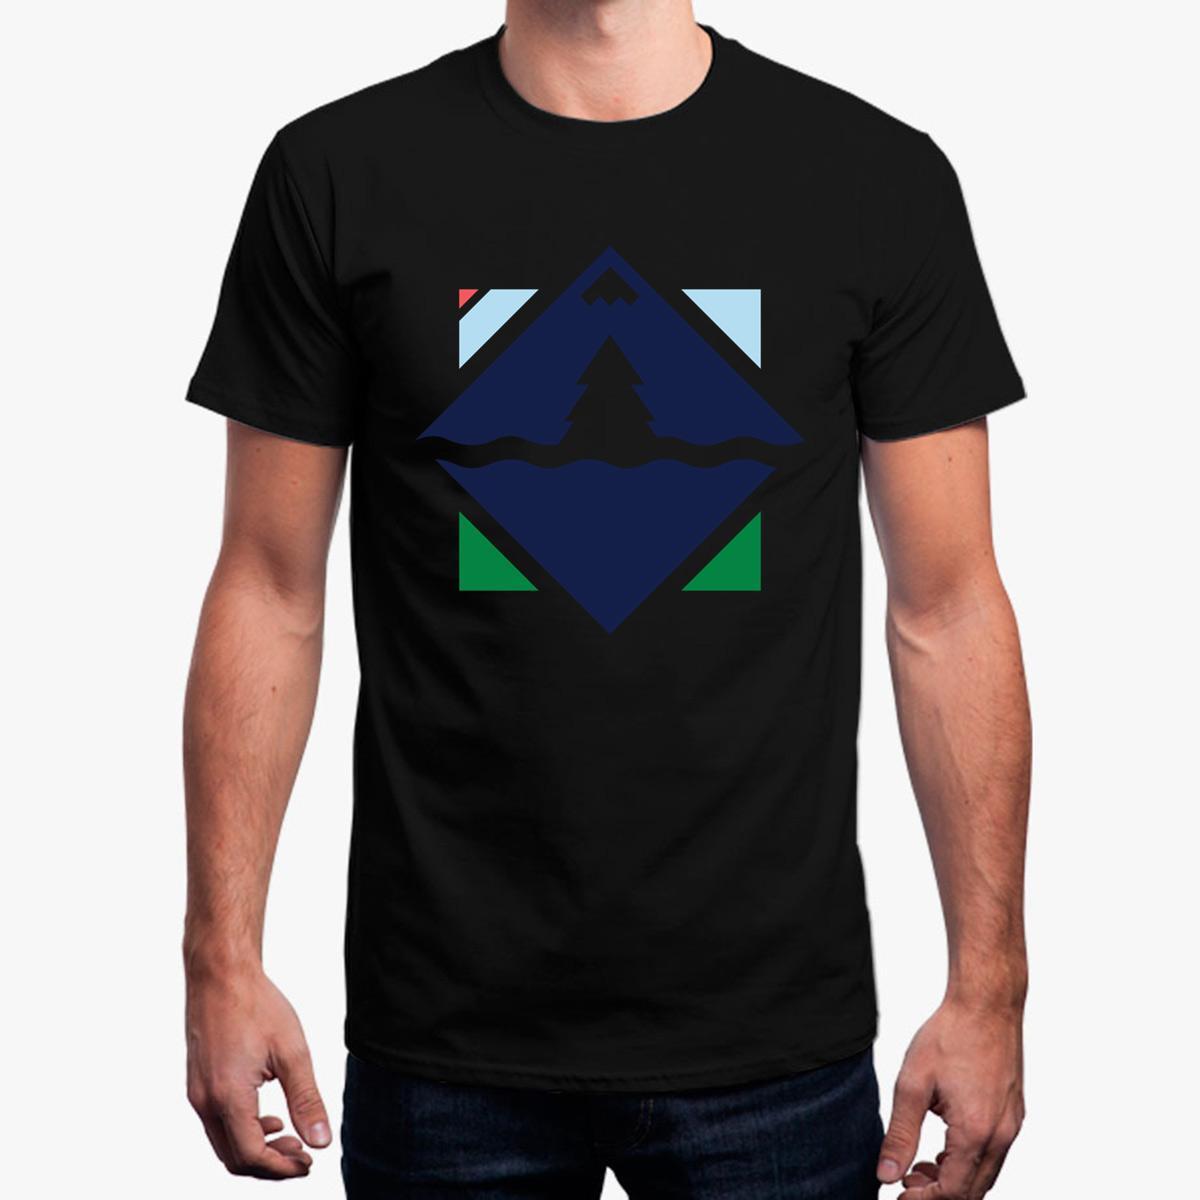 Engraçado Casual Adventure Compass T-Shirt Para Homens Legal O Pescoço Camiseta Básica Sólida Tamanho Euro S-3xl T Shirt Para Homens 2018 Homme